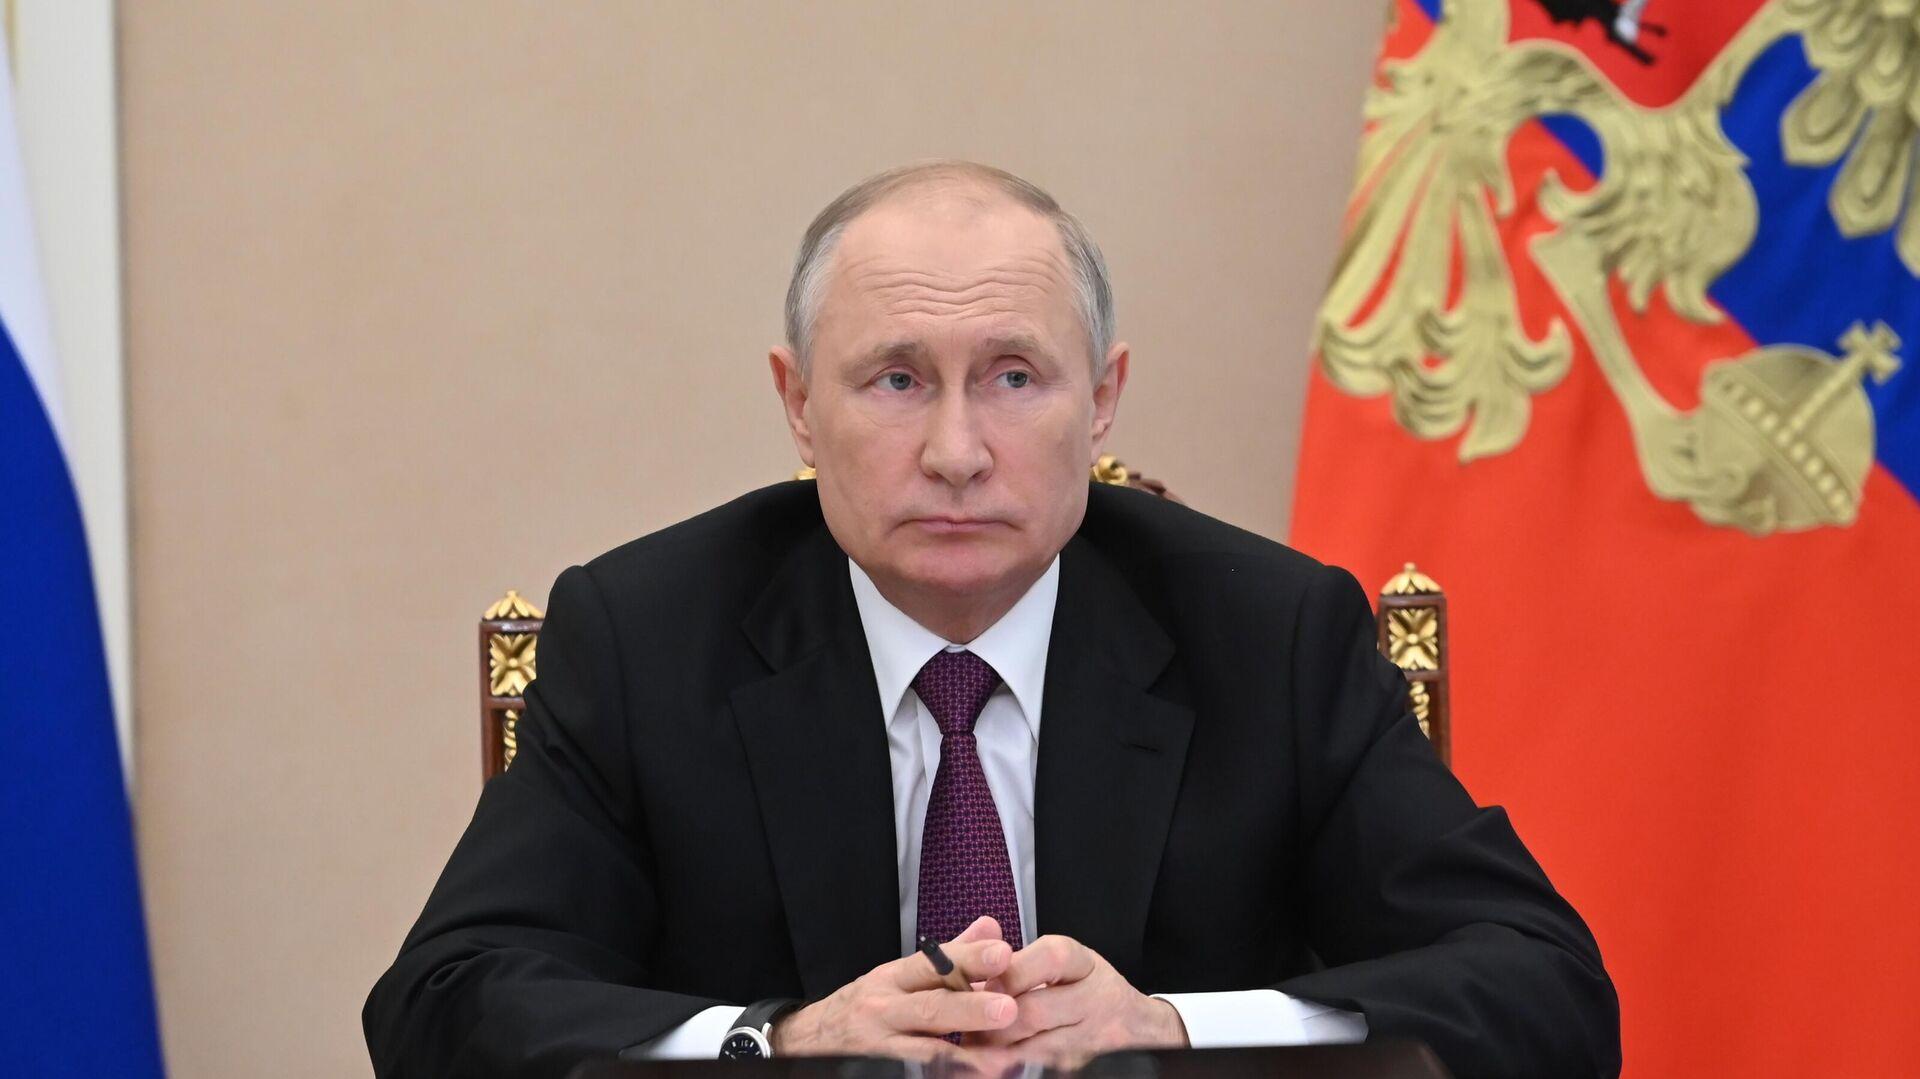 Президент РФ Владимир Путин проводит совещание с членами правительства РФ - РИА Новости, 1920, 15.07.2021